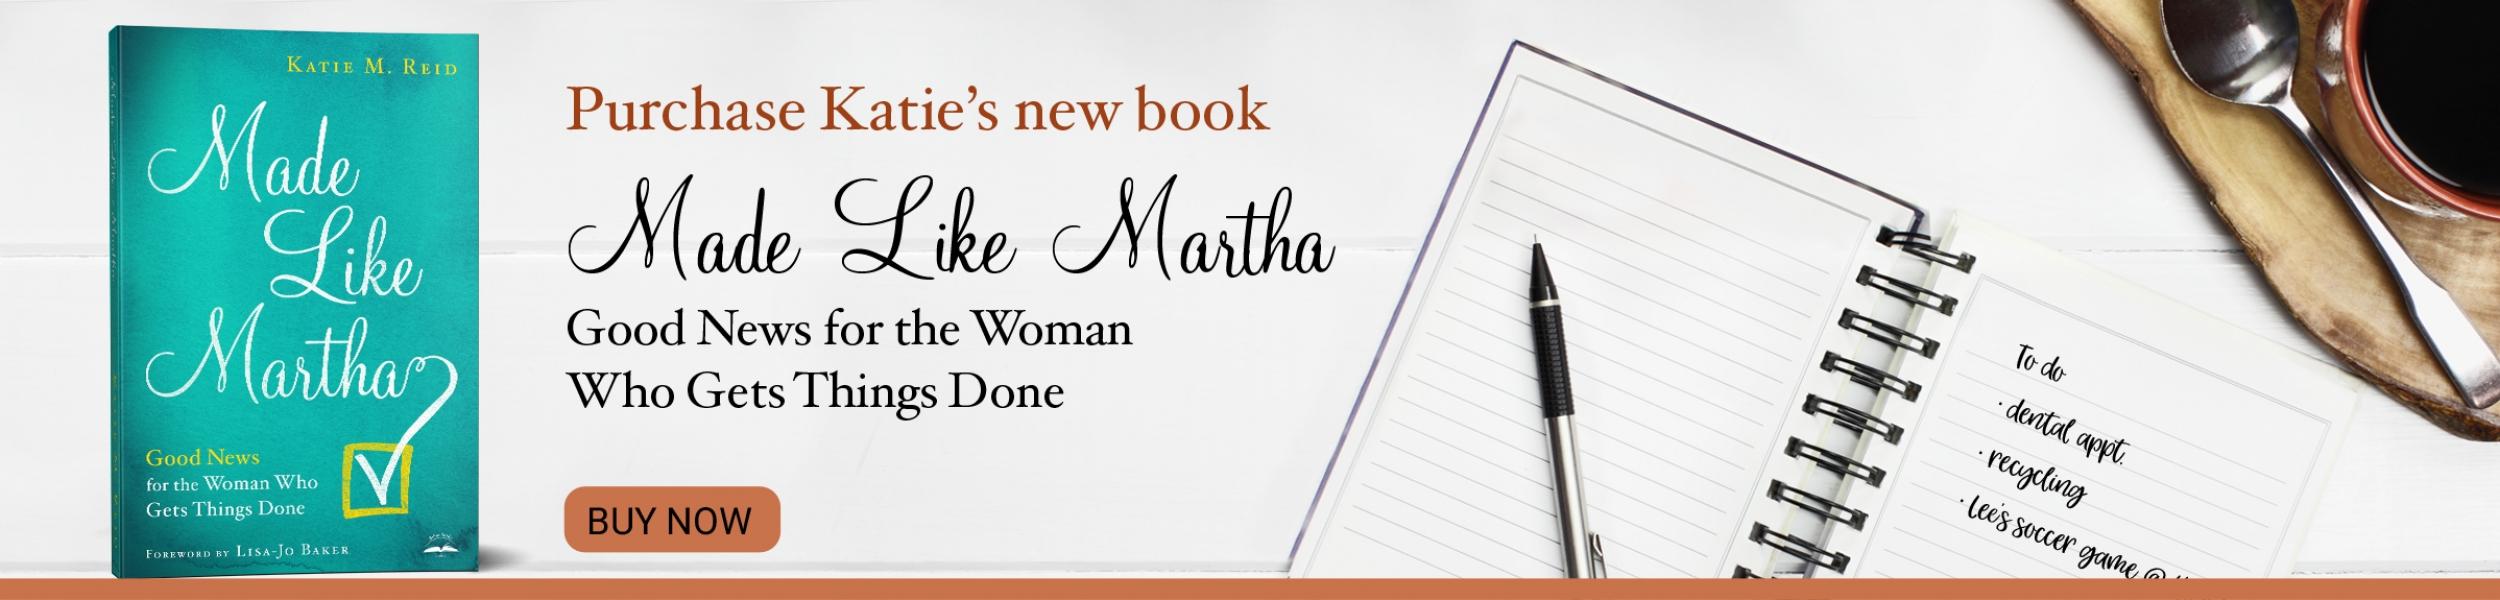 Katie Reid - Made Like Martha Book